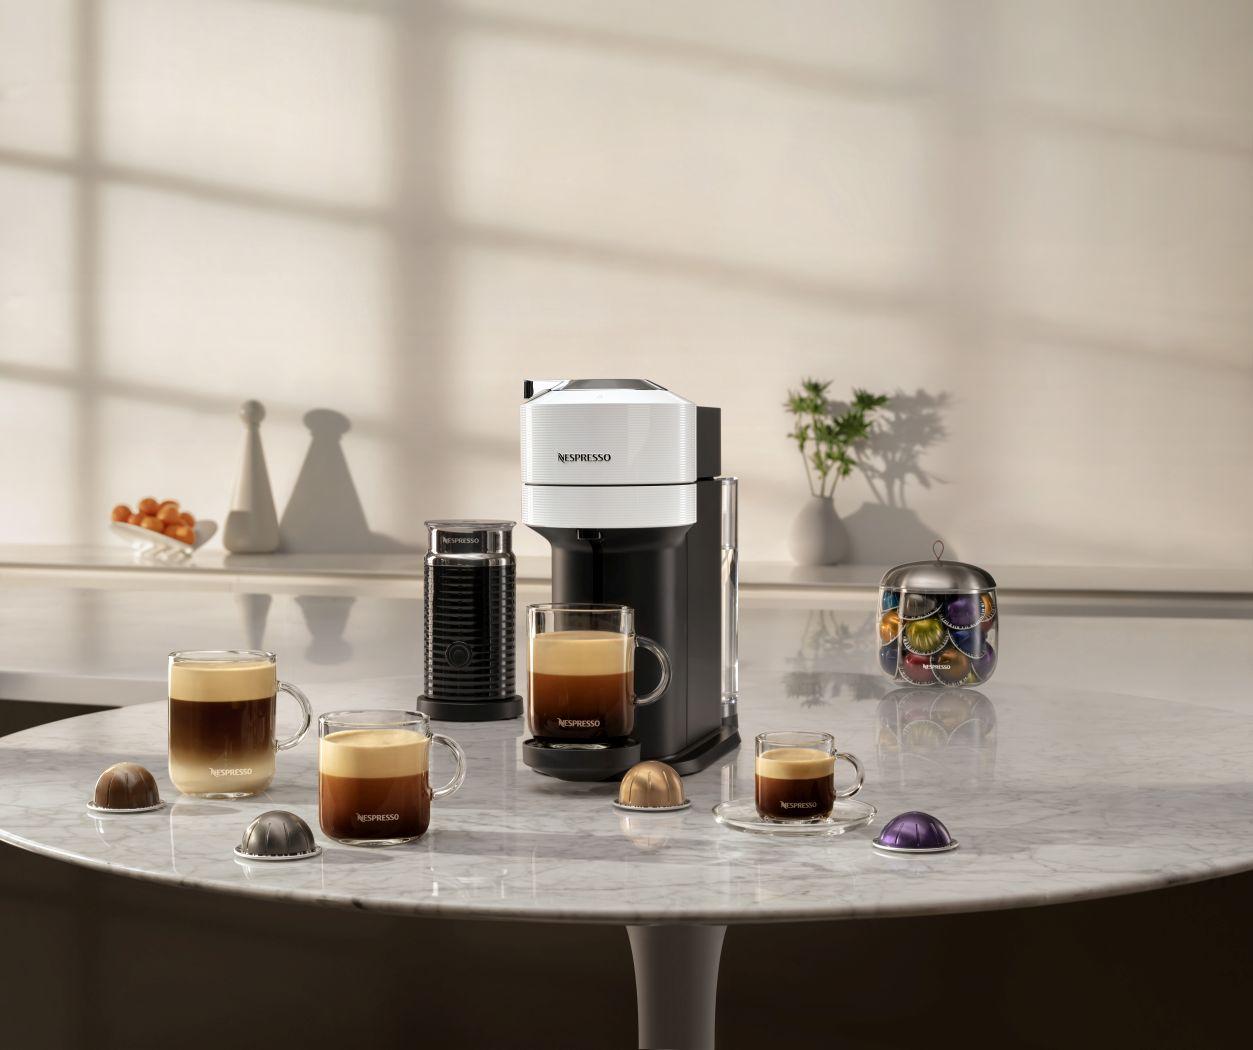 nespresso, vertuo, vertuo next, kapszulás, kávé, kávéfőző, centrifusion, hosszú kávé, intelligens, okoskészülék, kódolvasó, rúzs és más